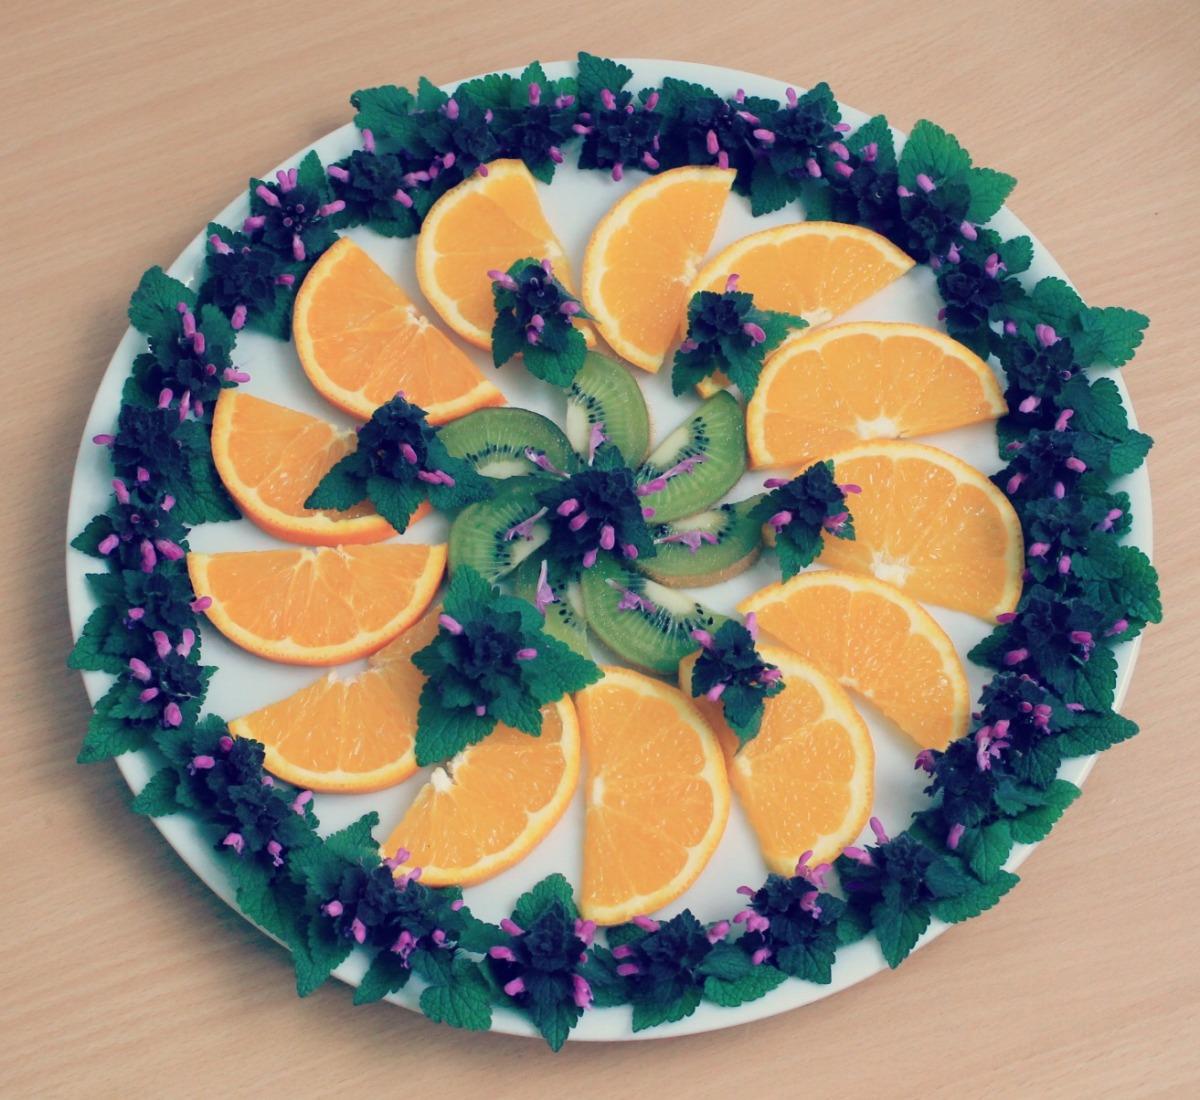 Die Orangennesselsonne